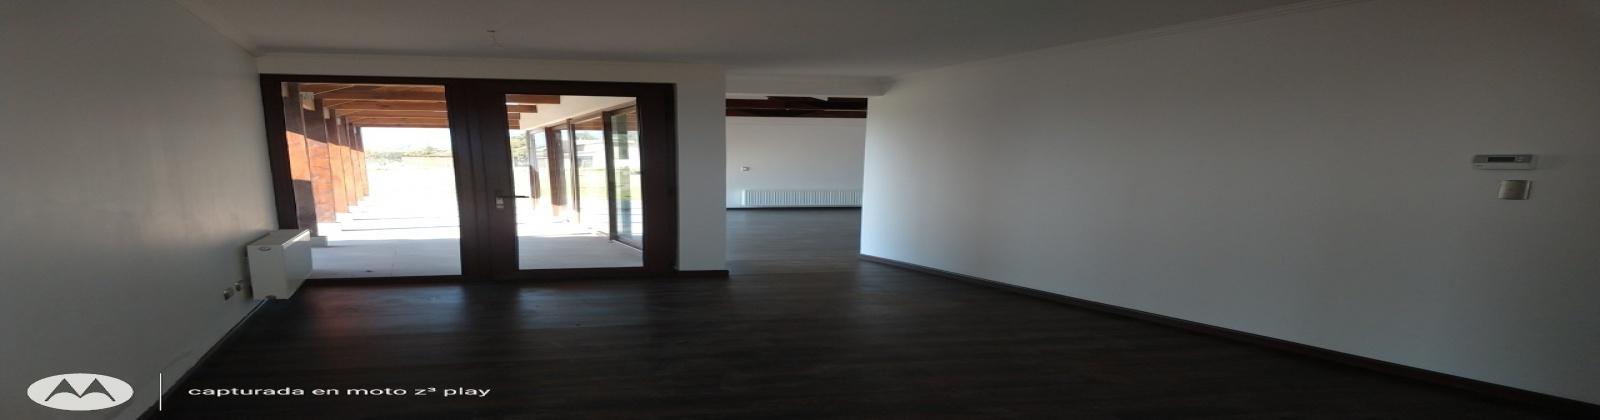 La Estancia, Calera de Tango, R. Metropolitana, 5 Bedrooms Bedrooms, ,4 BathroomsBathrooms,Casa,Venta,La Estancia,1023